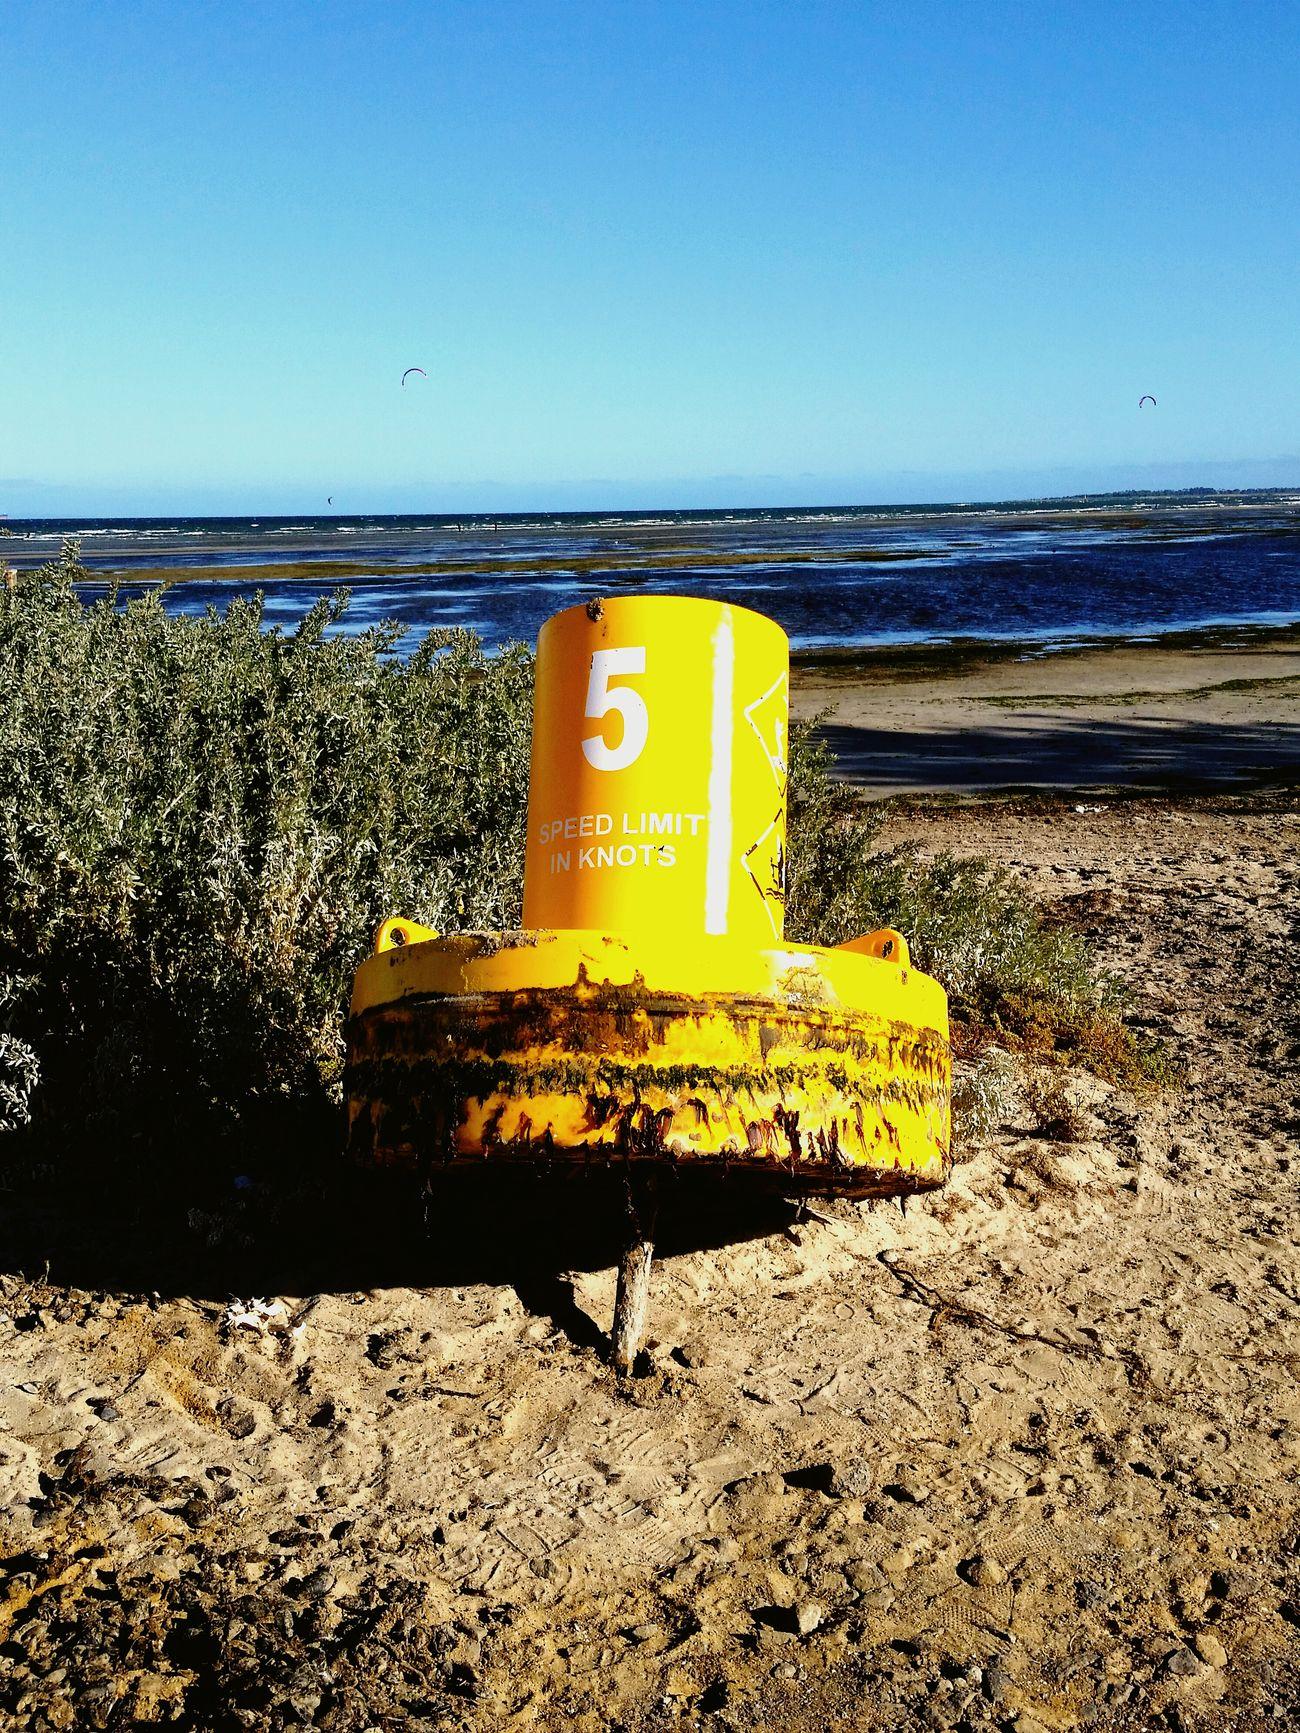 Life 2 Filter Altona Beach Buoy Washed Up Yellow